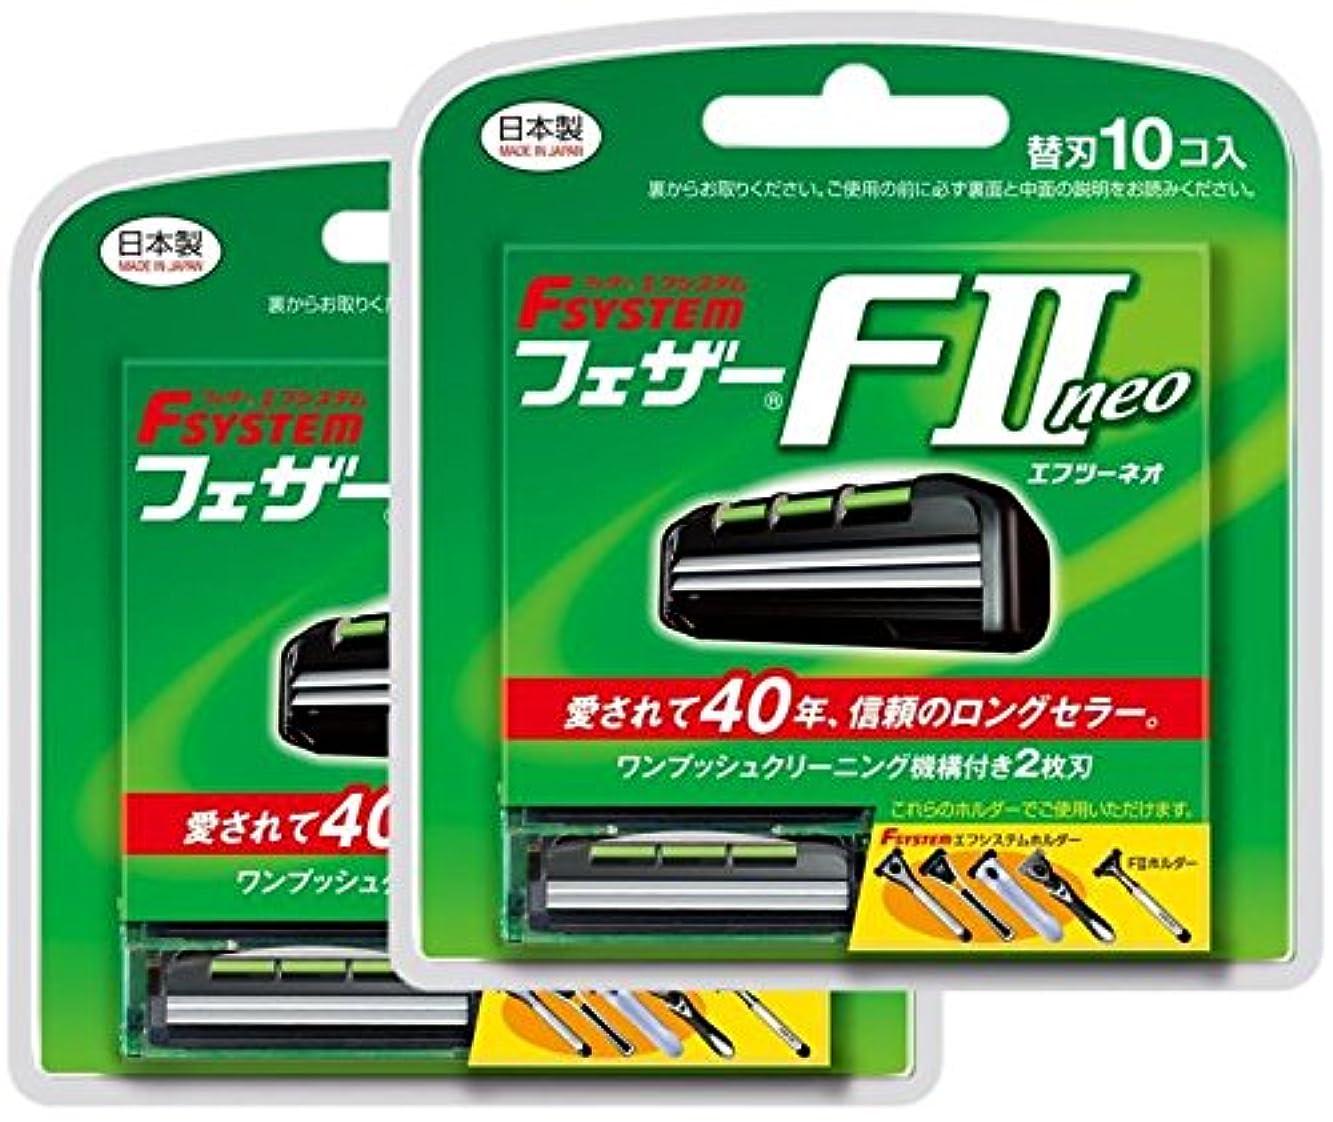 寛大さ日厚いフェザー エフシステム 替刃 FIIネオ 10コ入×2個セット